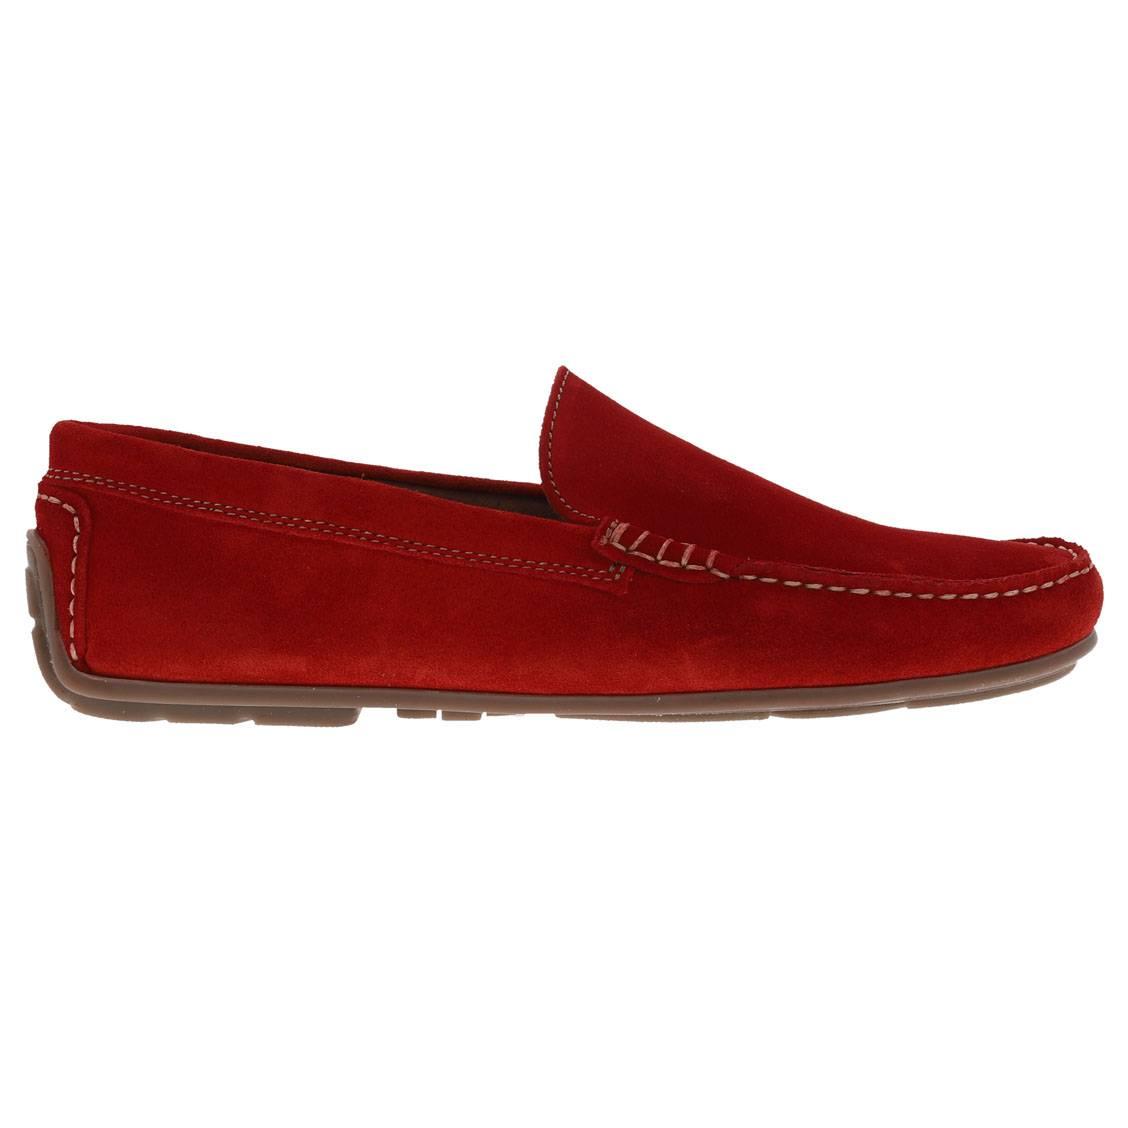 Hommes En RougeRue Croute Cuir Bateau Des Chaussures De 1F3lJcTK